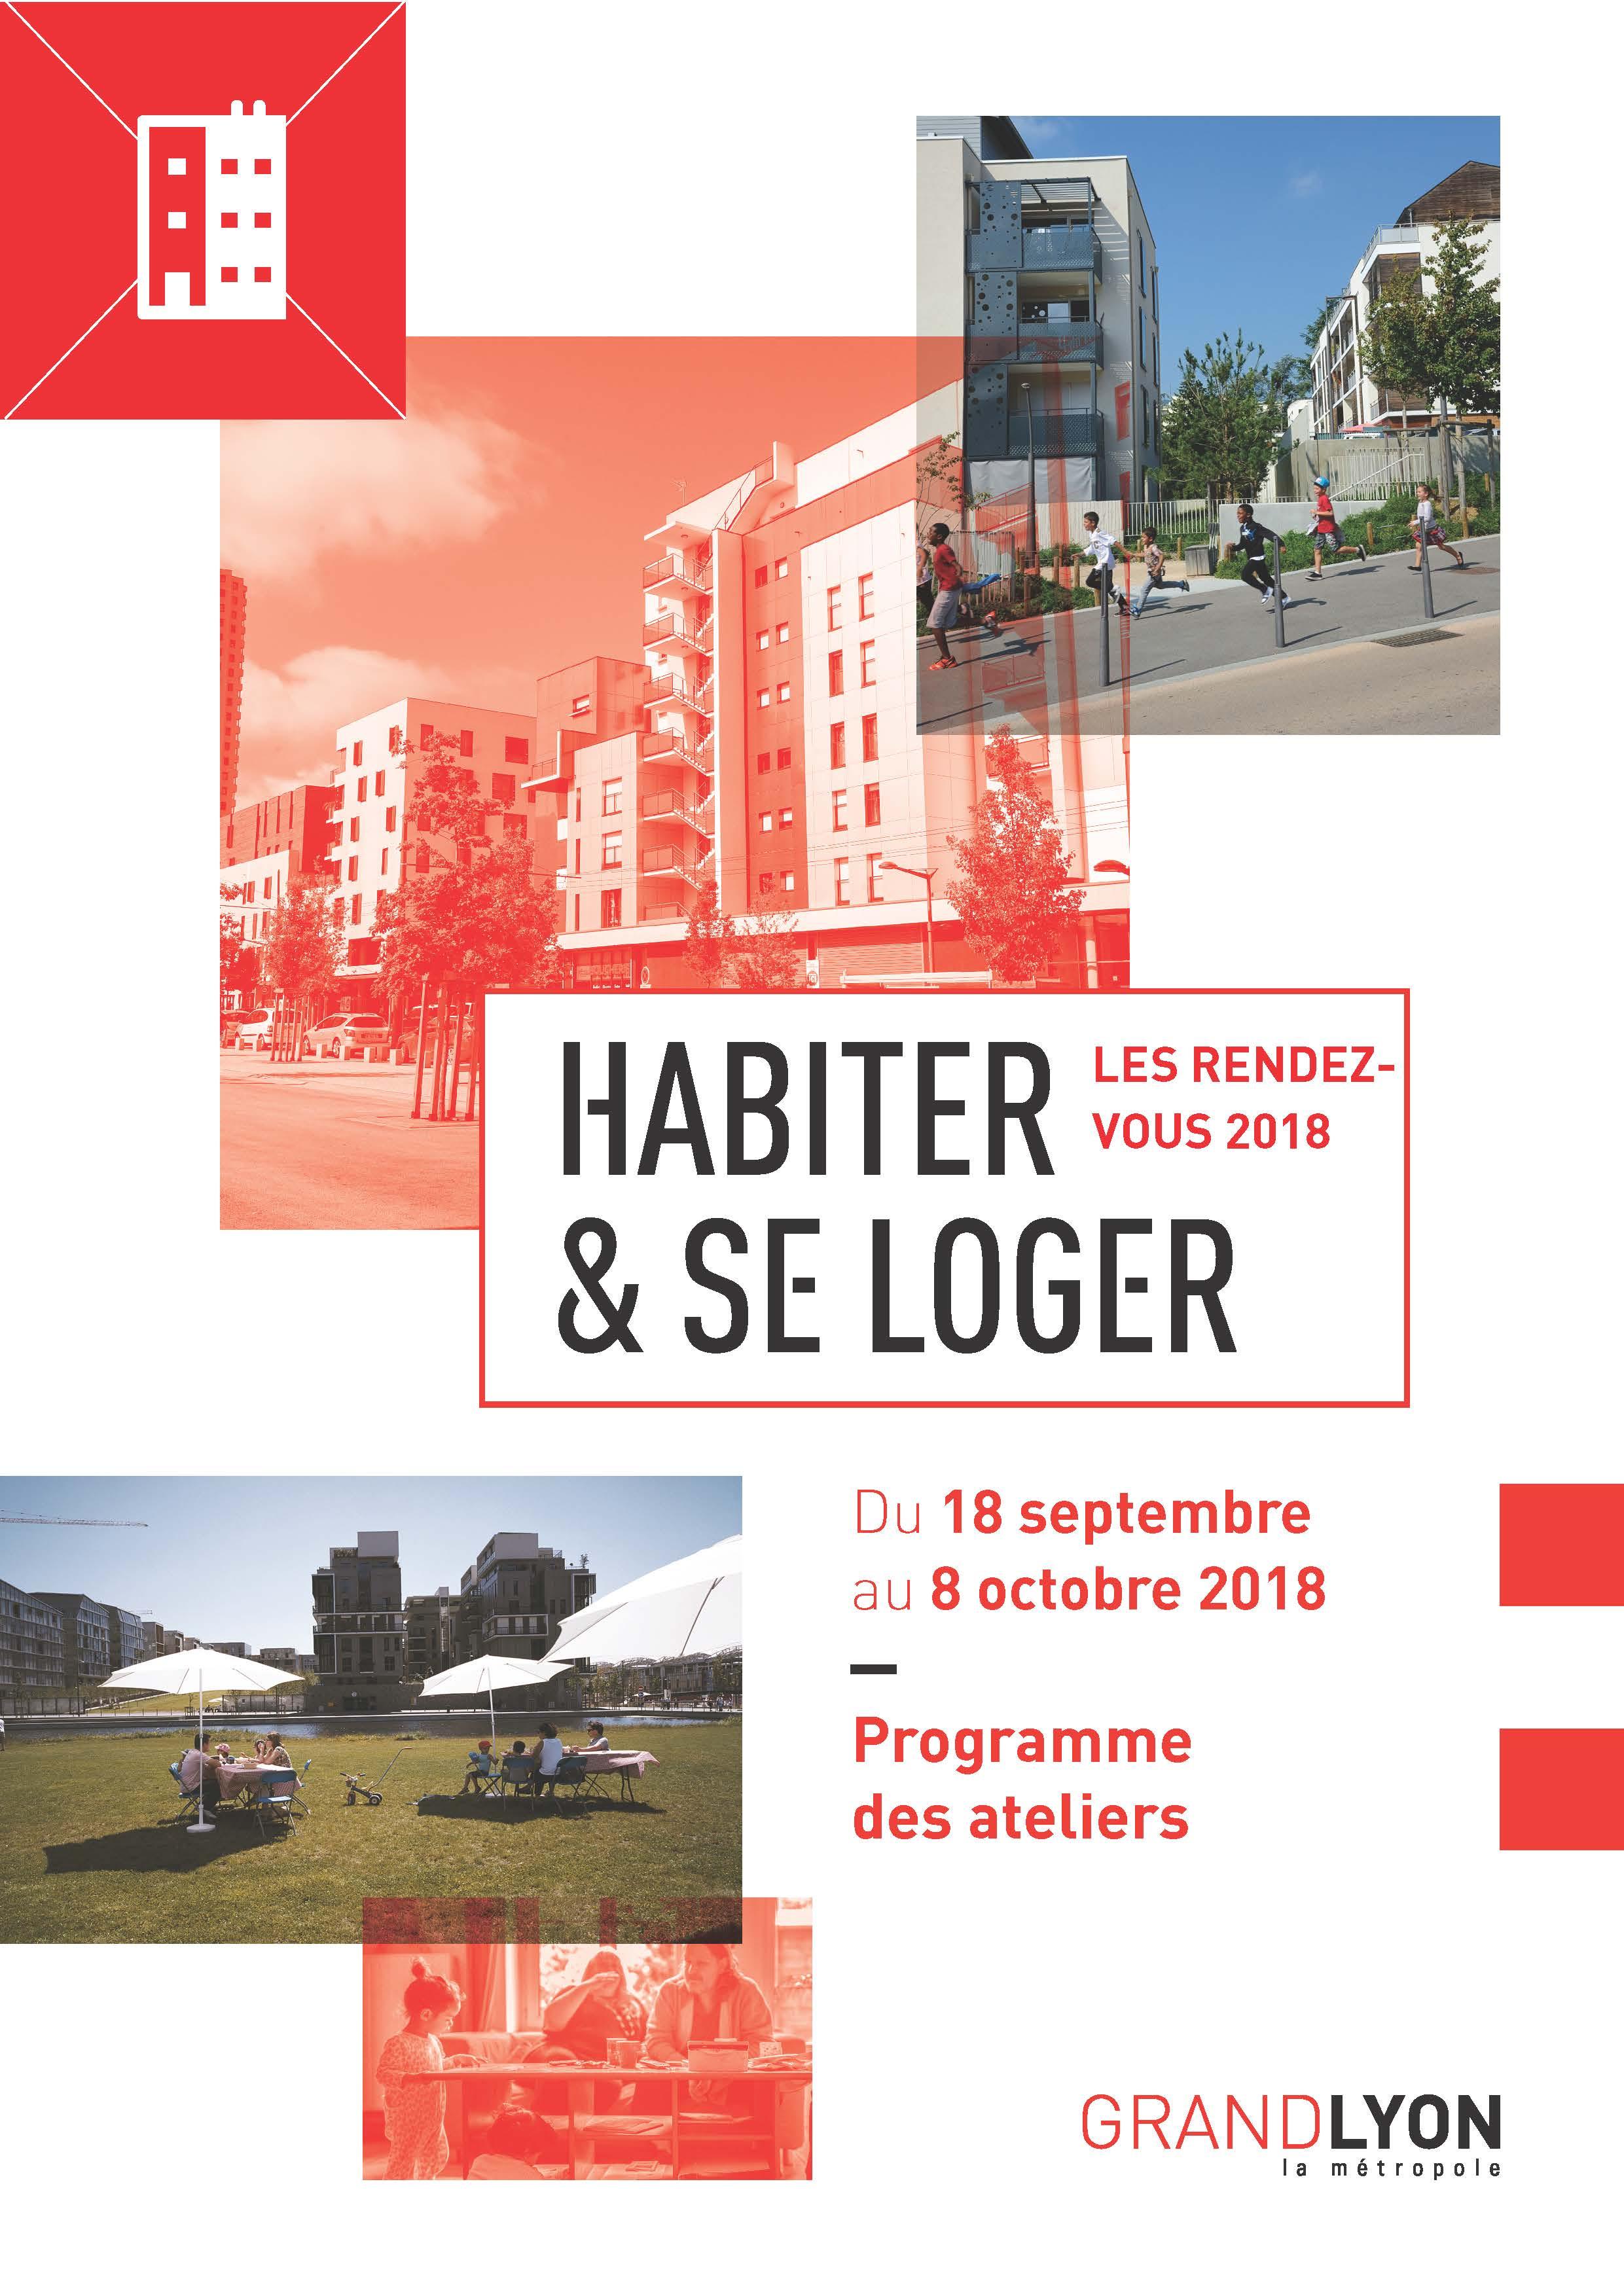 visuel «Habiter et se Loger: les rendez-vous 2018»: De Rue Habitat à PolyGônes